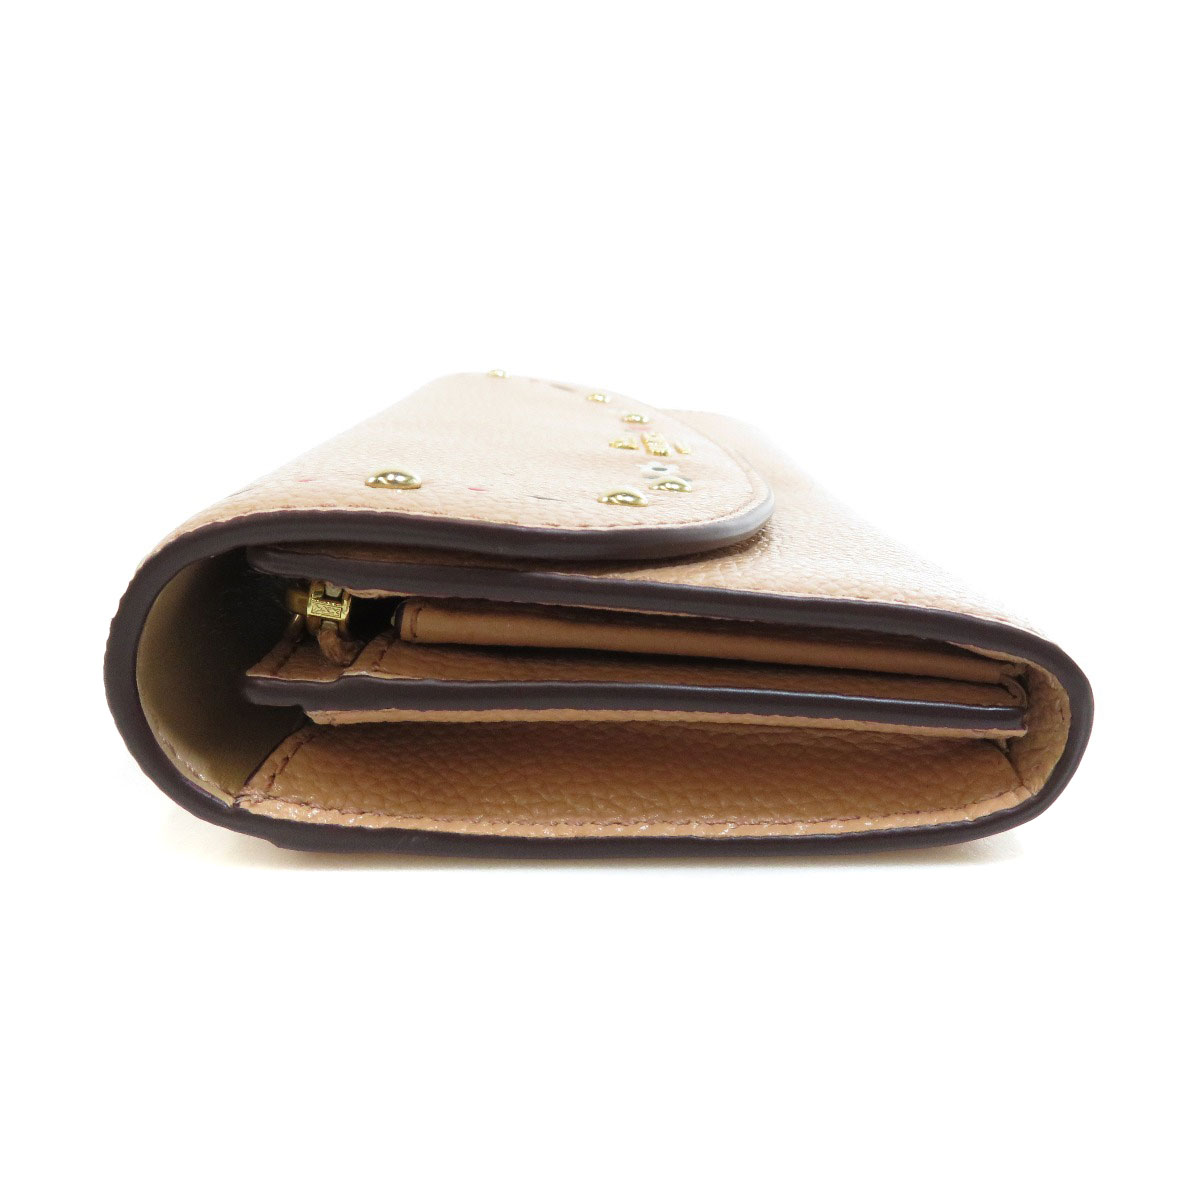 007031fba338 ... COACH F26786 フラワーモチーフ 長財布(小銭入れあり) レザー レディース ...